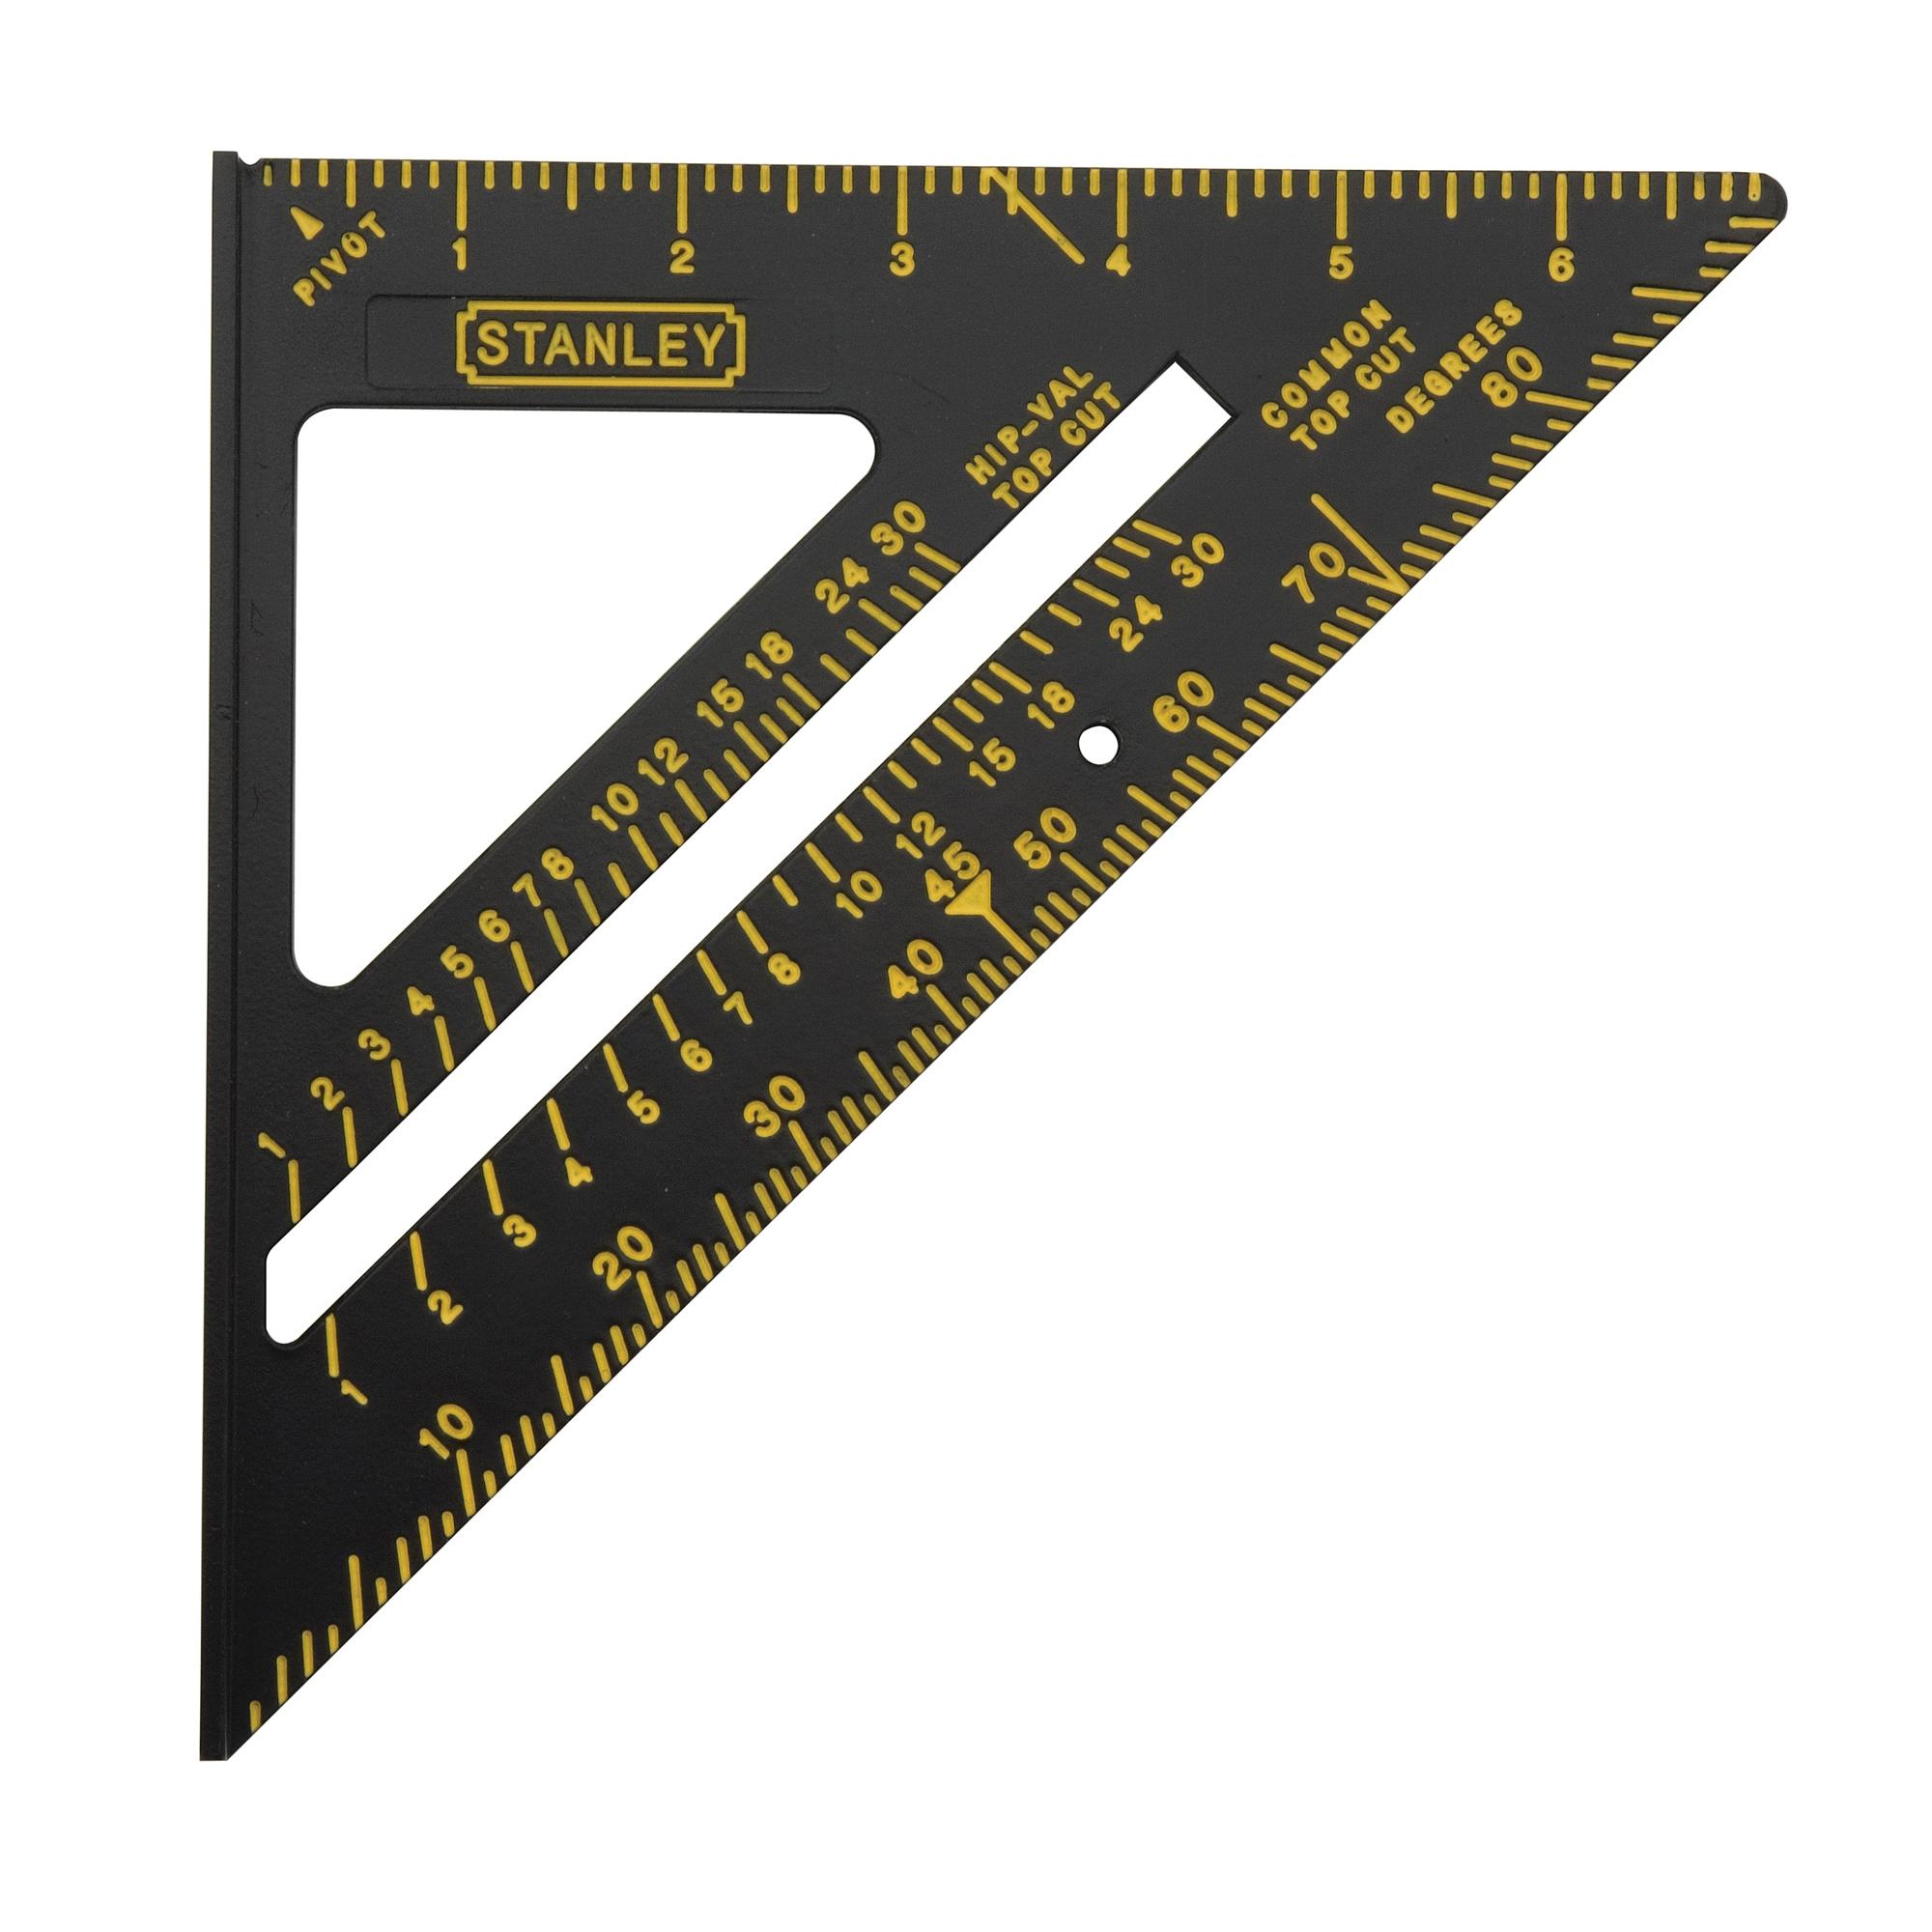 Stanley® 46-071 Quick Square® Premium Triangle Layout Tool, 10-1/4 x 6-7/8 in, 1/8 in Graduation, 90 deg, Aluminum